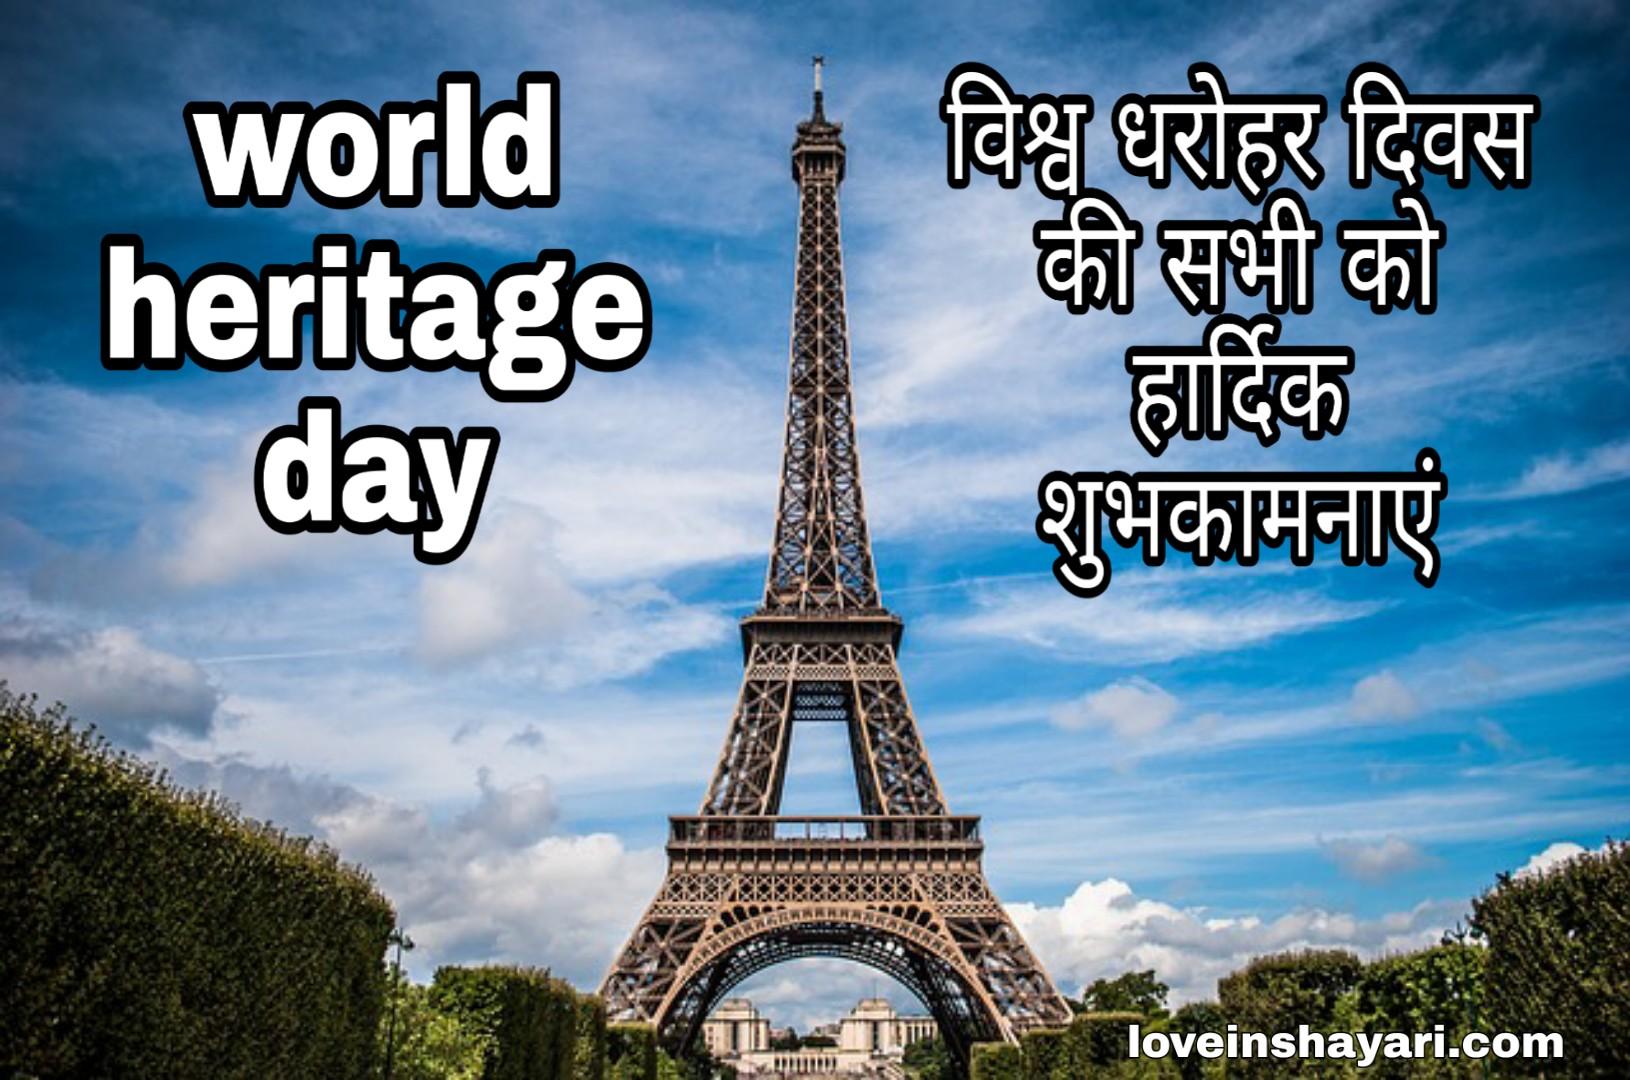 World heritage day status whatsapp status